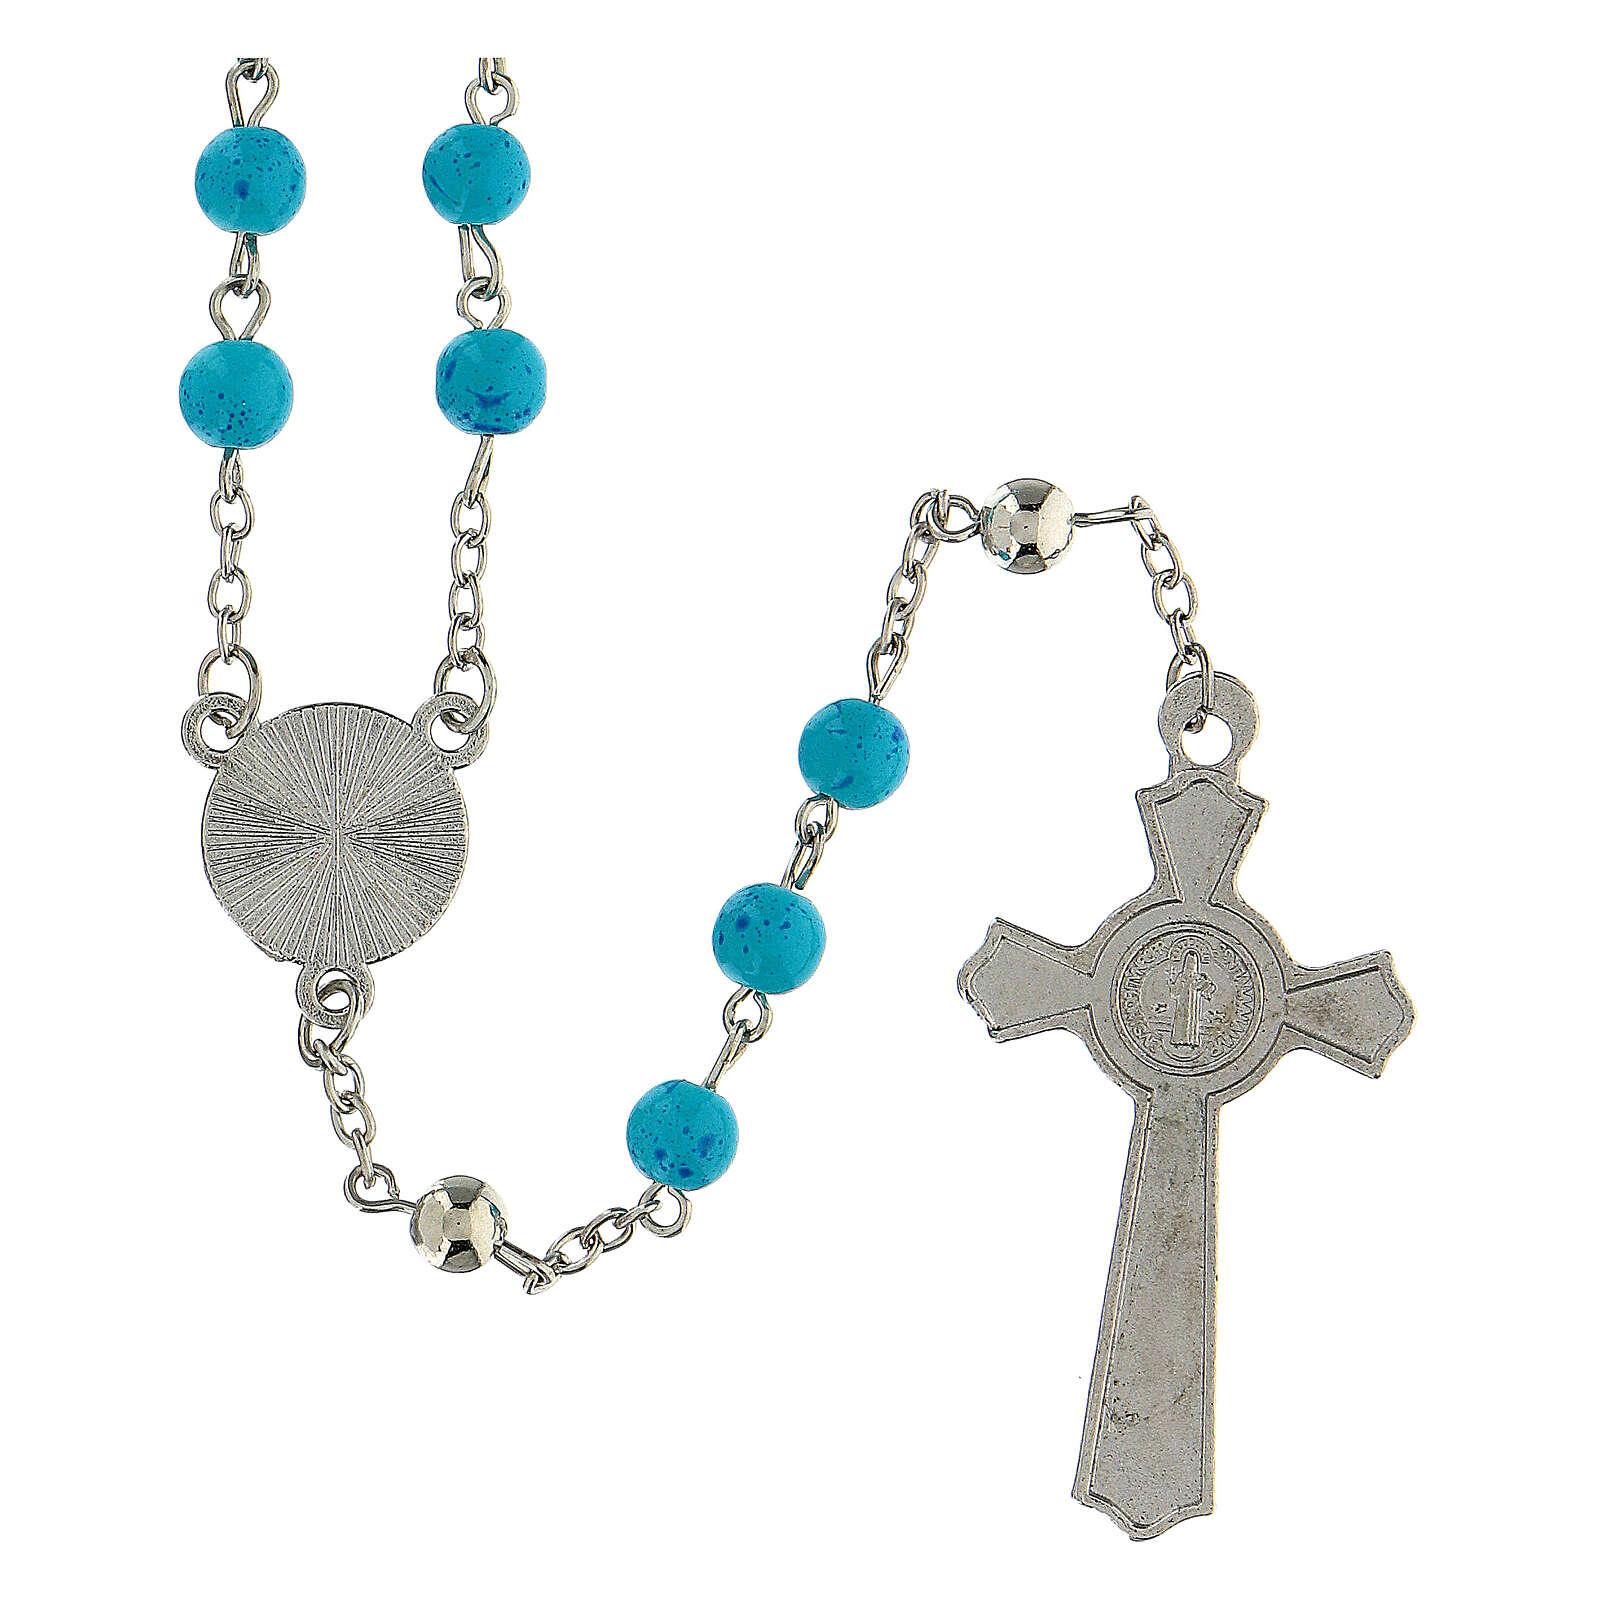 Różaniec Nadzieja koraliki błękitne szkło 6 mm - Kolekcja Korony Wiary 33/47 4